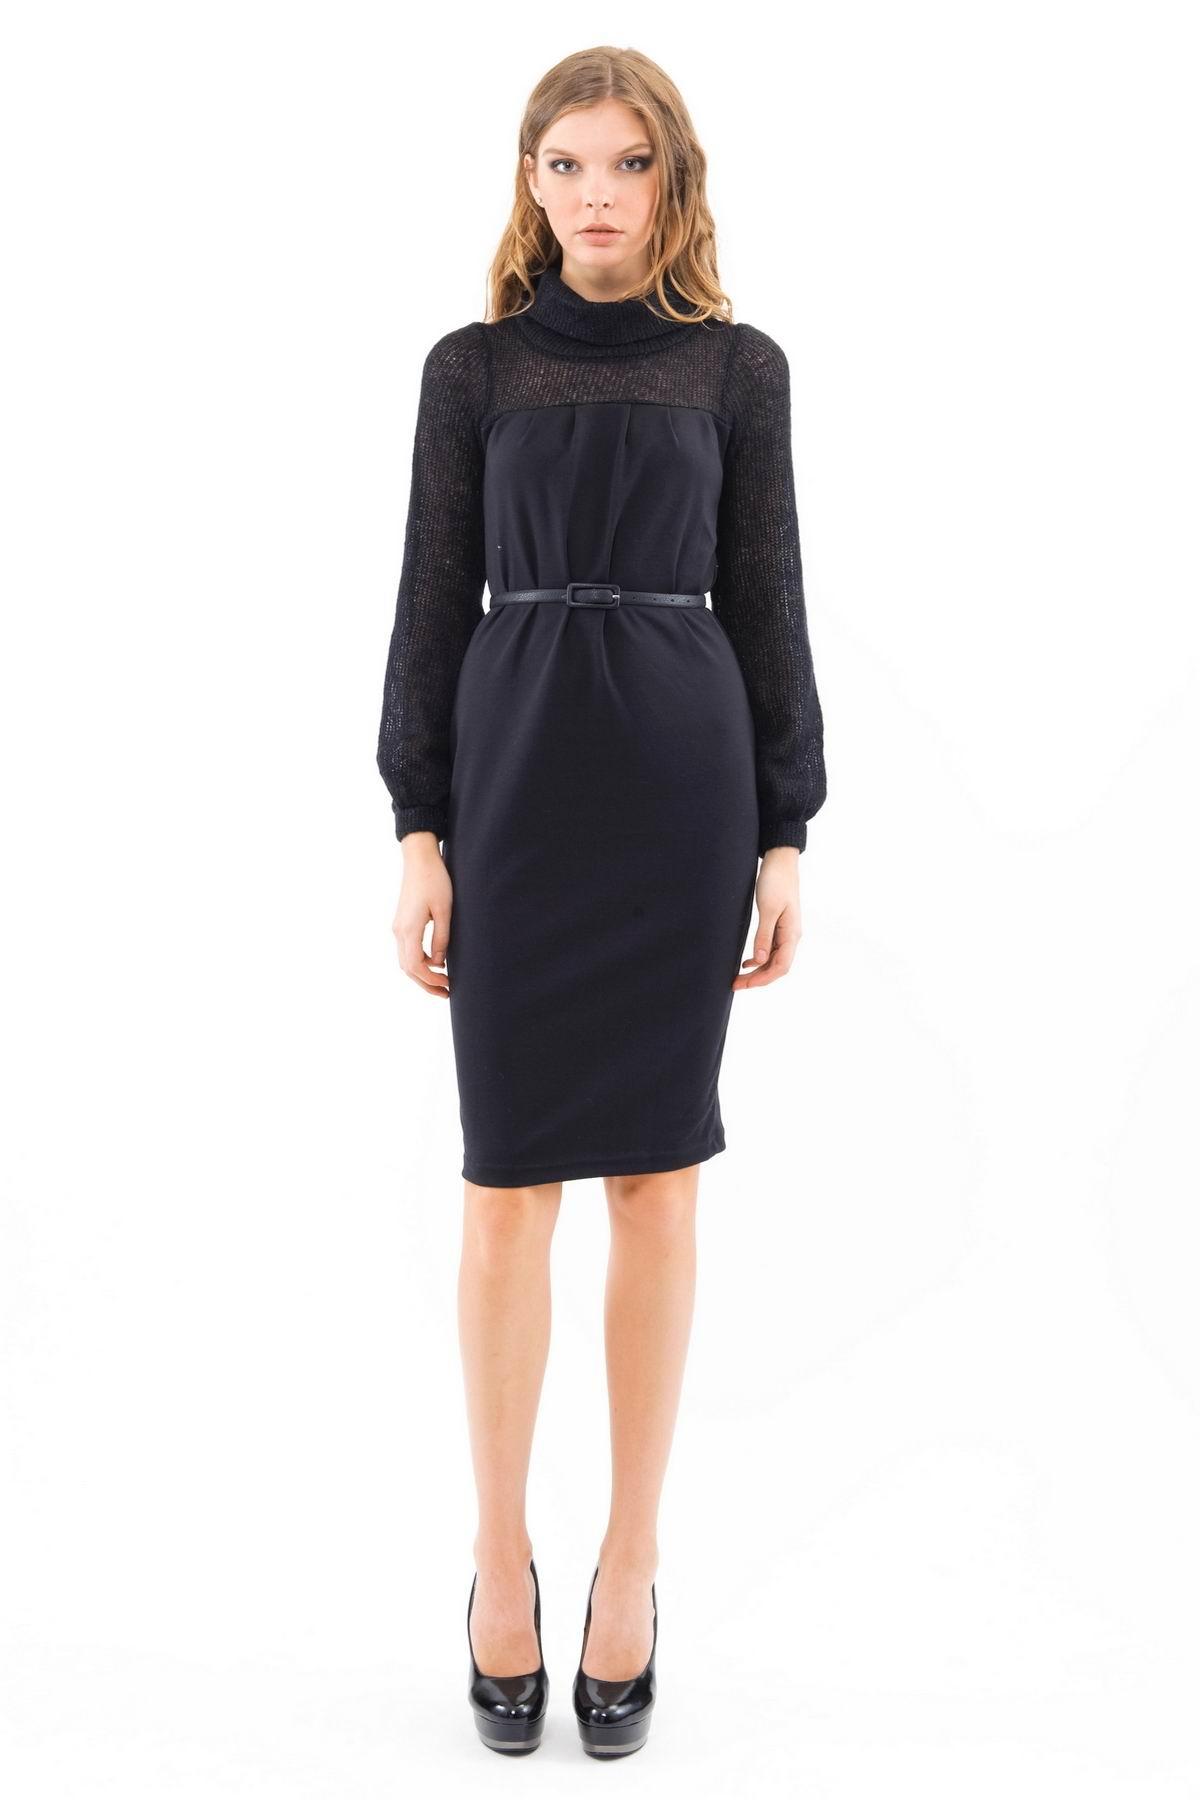 ПлатьеПлатья,  сарафаны<br>Восхитительное платье с длинными рукавами и длиной чуть выше колен. Модель эффектной классической расцветки смотрится привлекательно и модно. Выполнено из превосходного сочетания двух тканей. Изделие дополнено изящным черным ремнем.<br><br>Цвет: черный<br>Состав: ткань1 - 39% акрил, 29% полиамид, 28% мохер, 4% полиэстер, ткань2- 60% вискоза, 35% полиэстер, 5% лайкра<br>Размер: 40,42,46,52,54<br>Страна дизайна: Россия<br>Страна производства: Россия